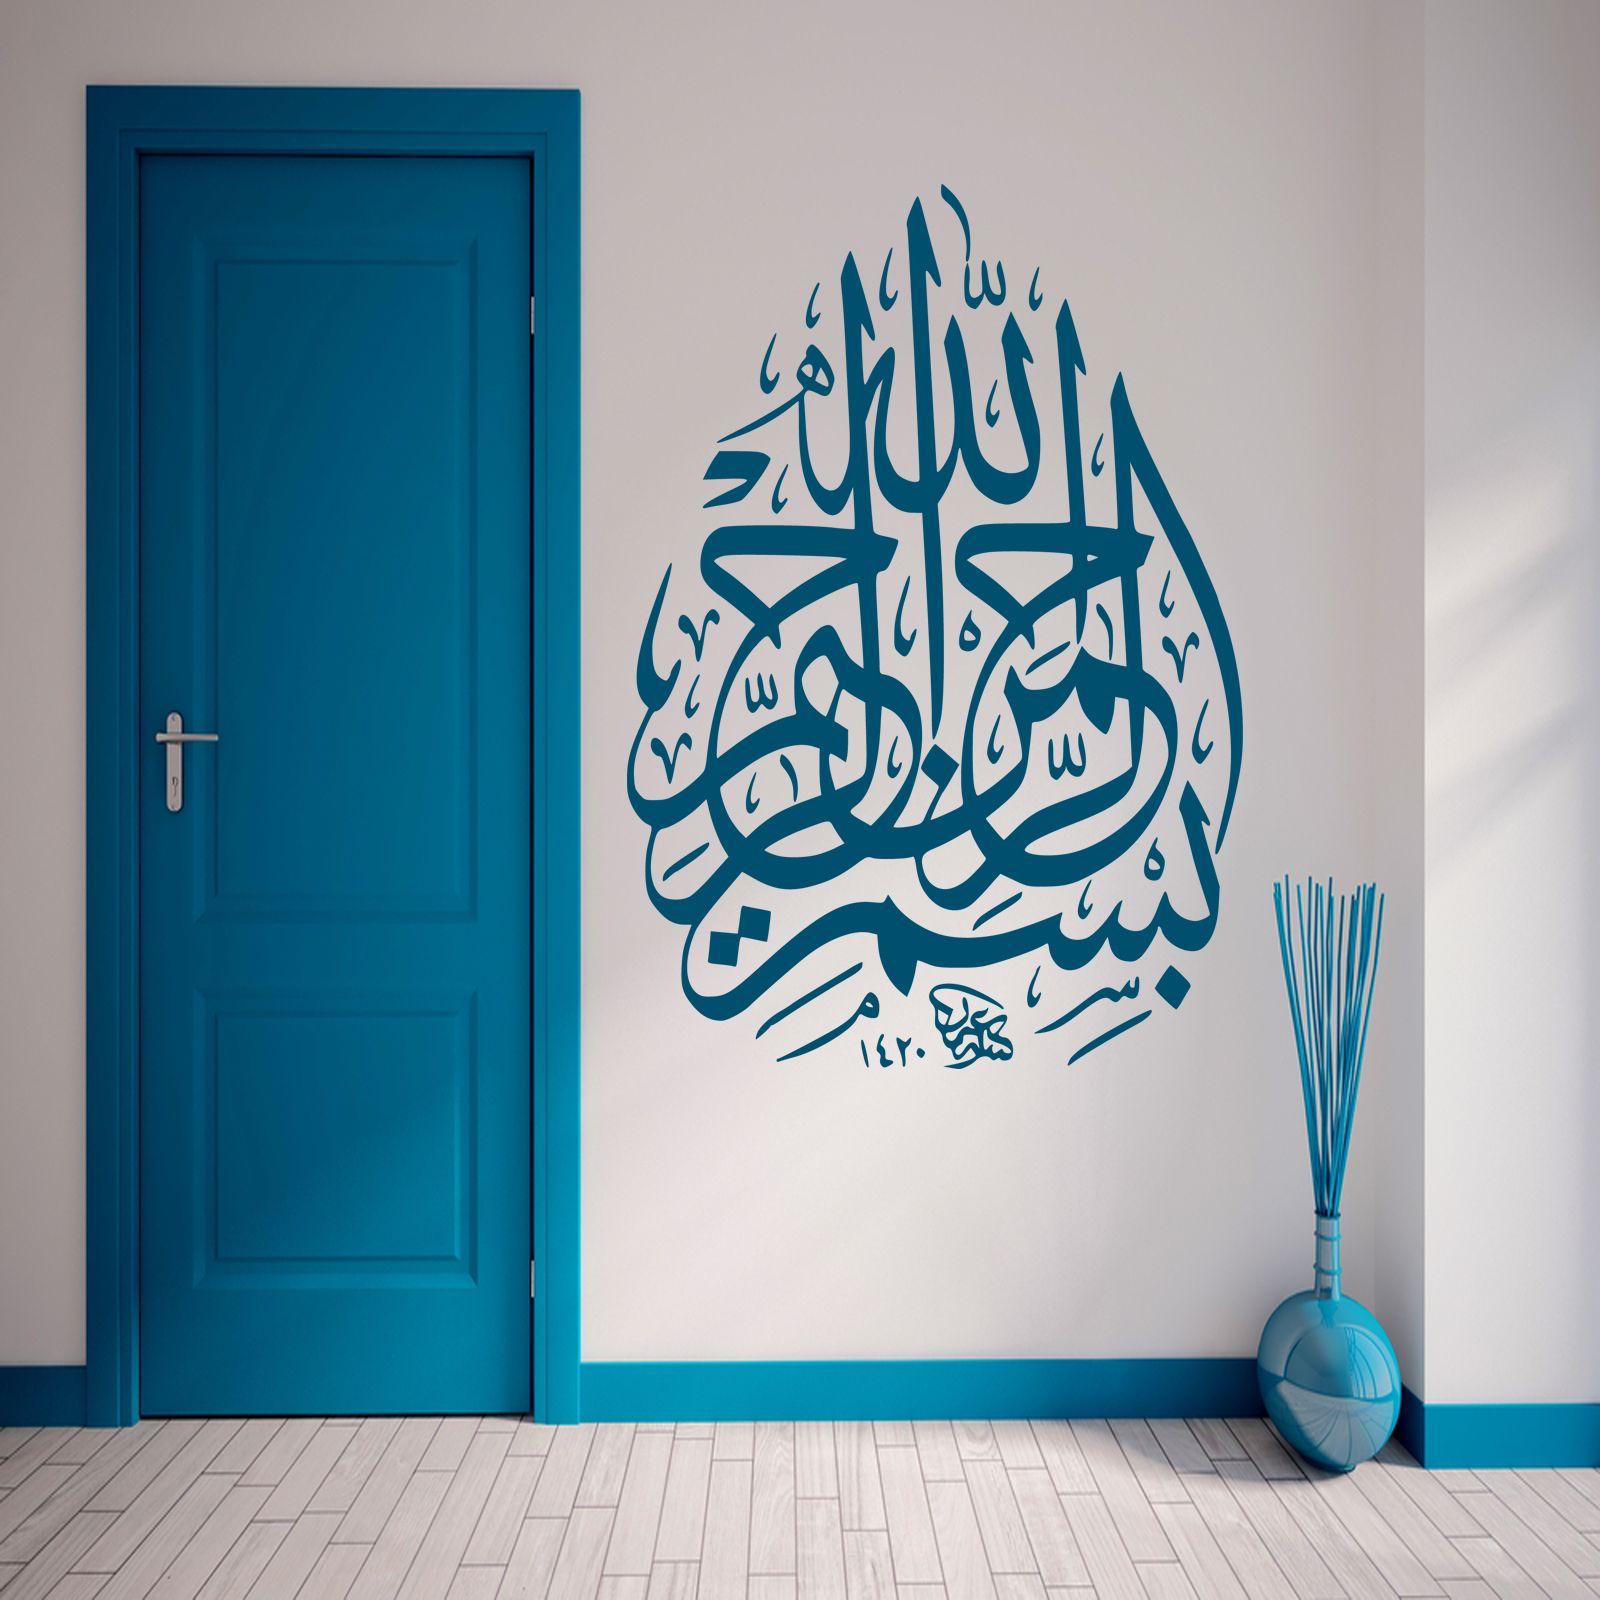 bismillah calligraphy islamic calligraphy bismillah islamic bismillah calligraphy islamic calligraphy bismillah